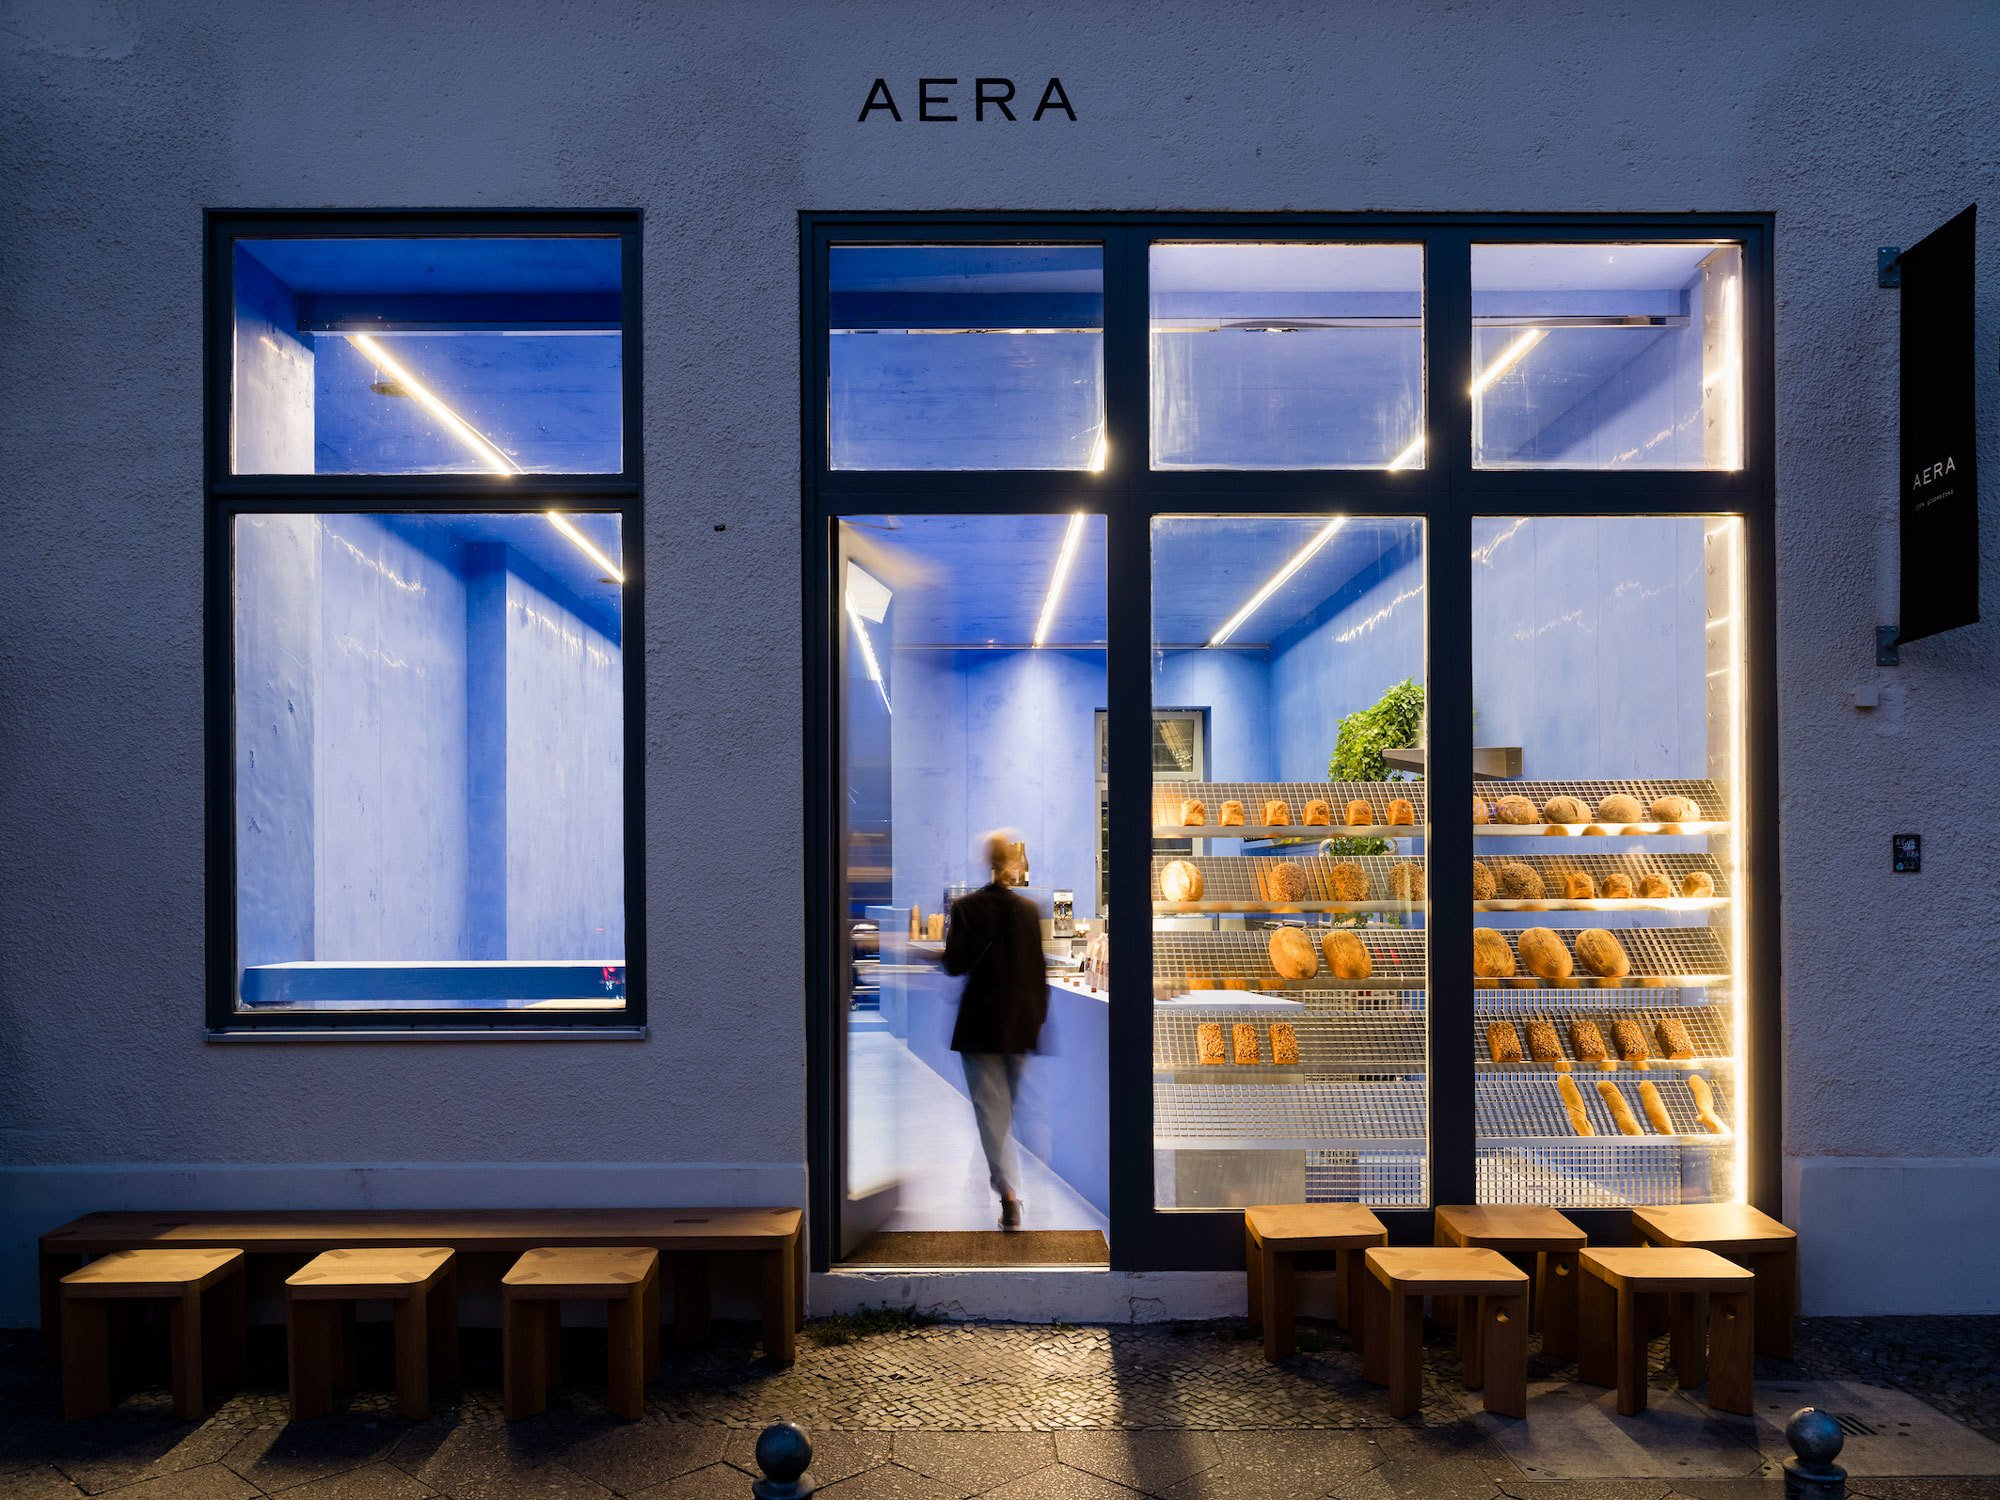 Brotmanufaktur Aera von Gonzalez Haase AAS in Berlin